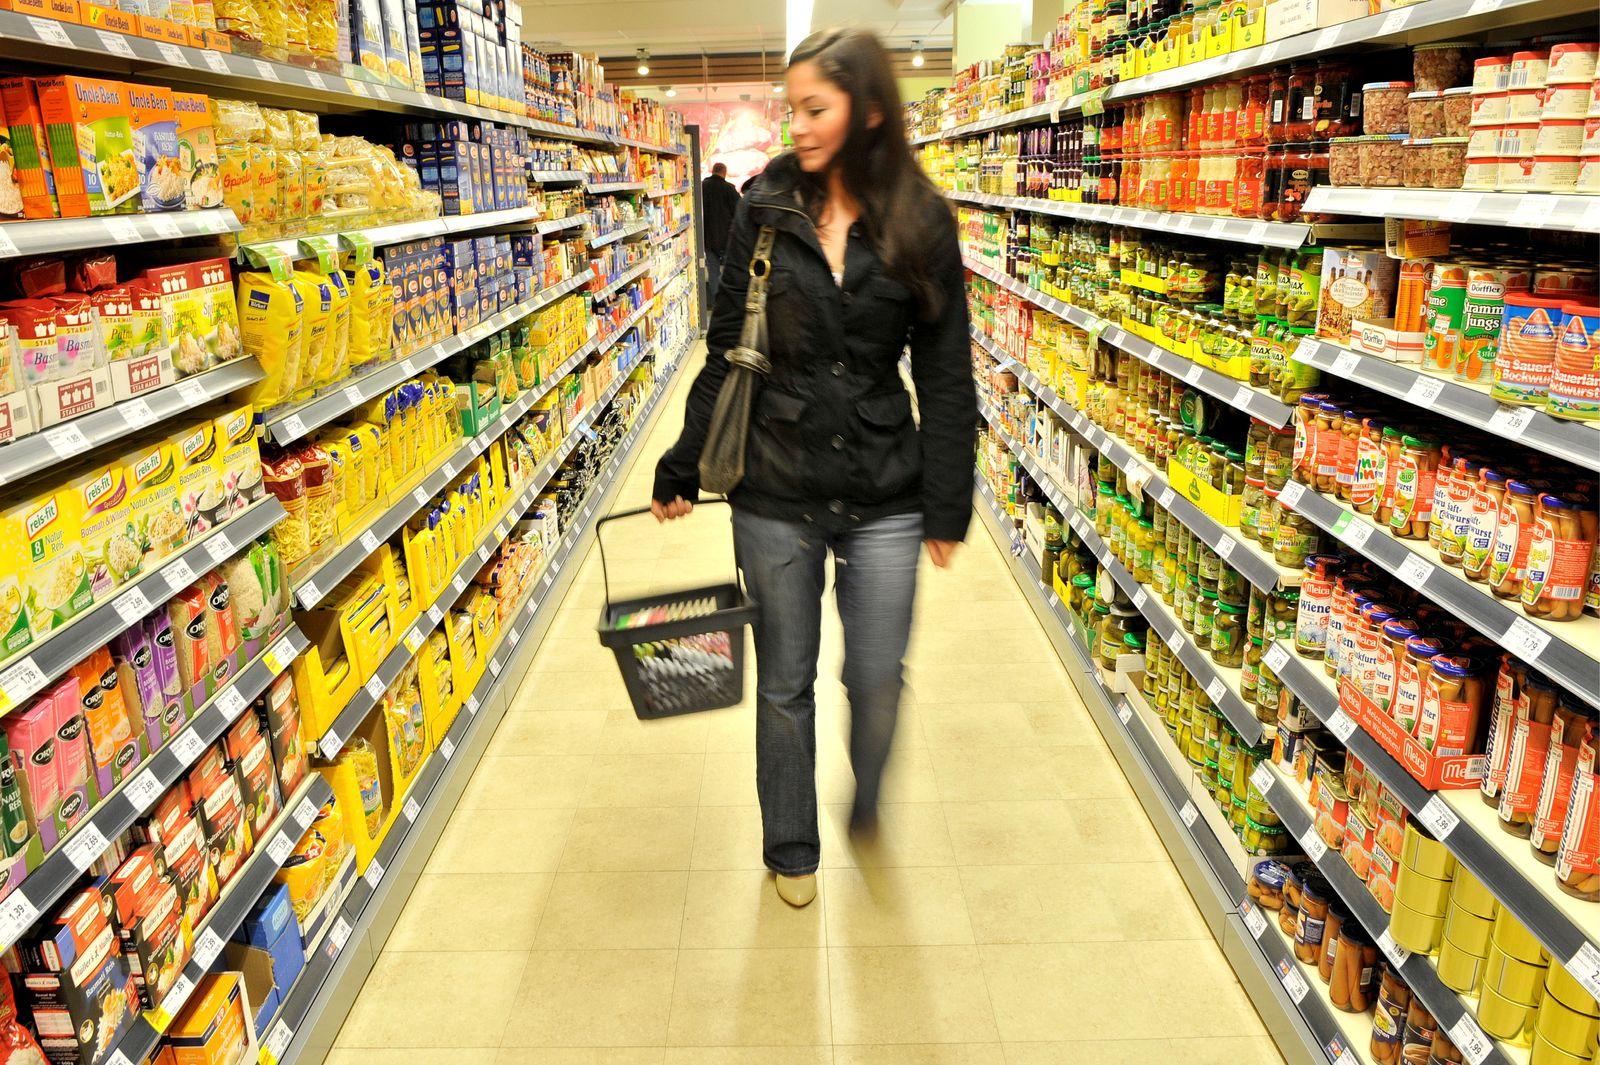 NICHT VERWENDEN Kaisers / Supermarkt